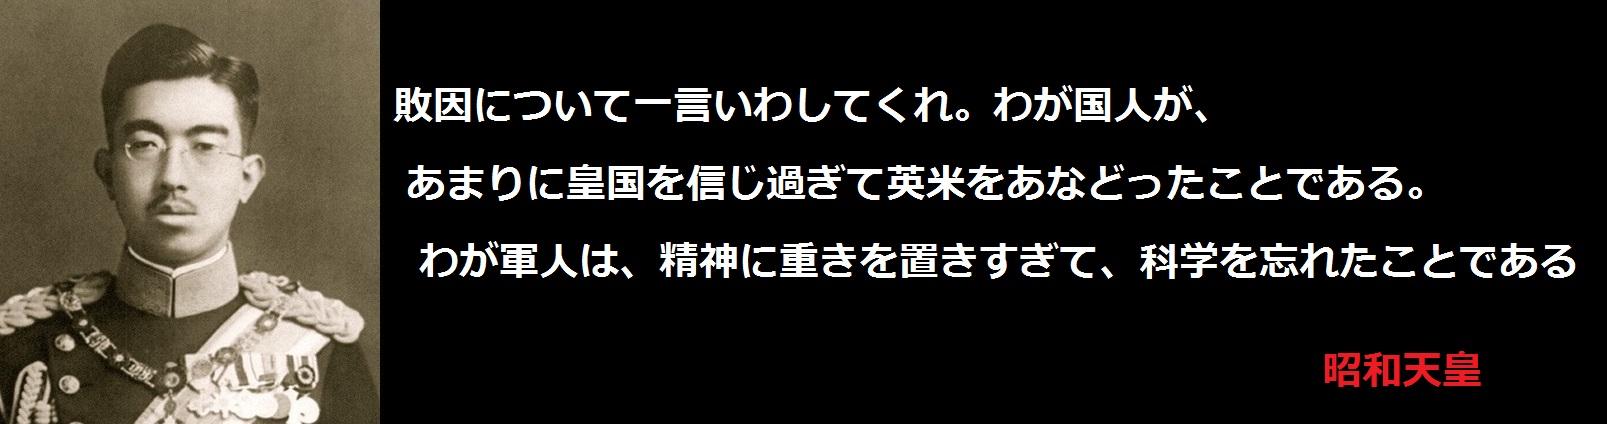 f:id:JAPbuster:20170519184037j:plain